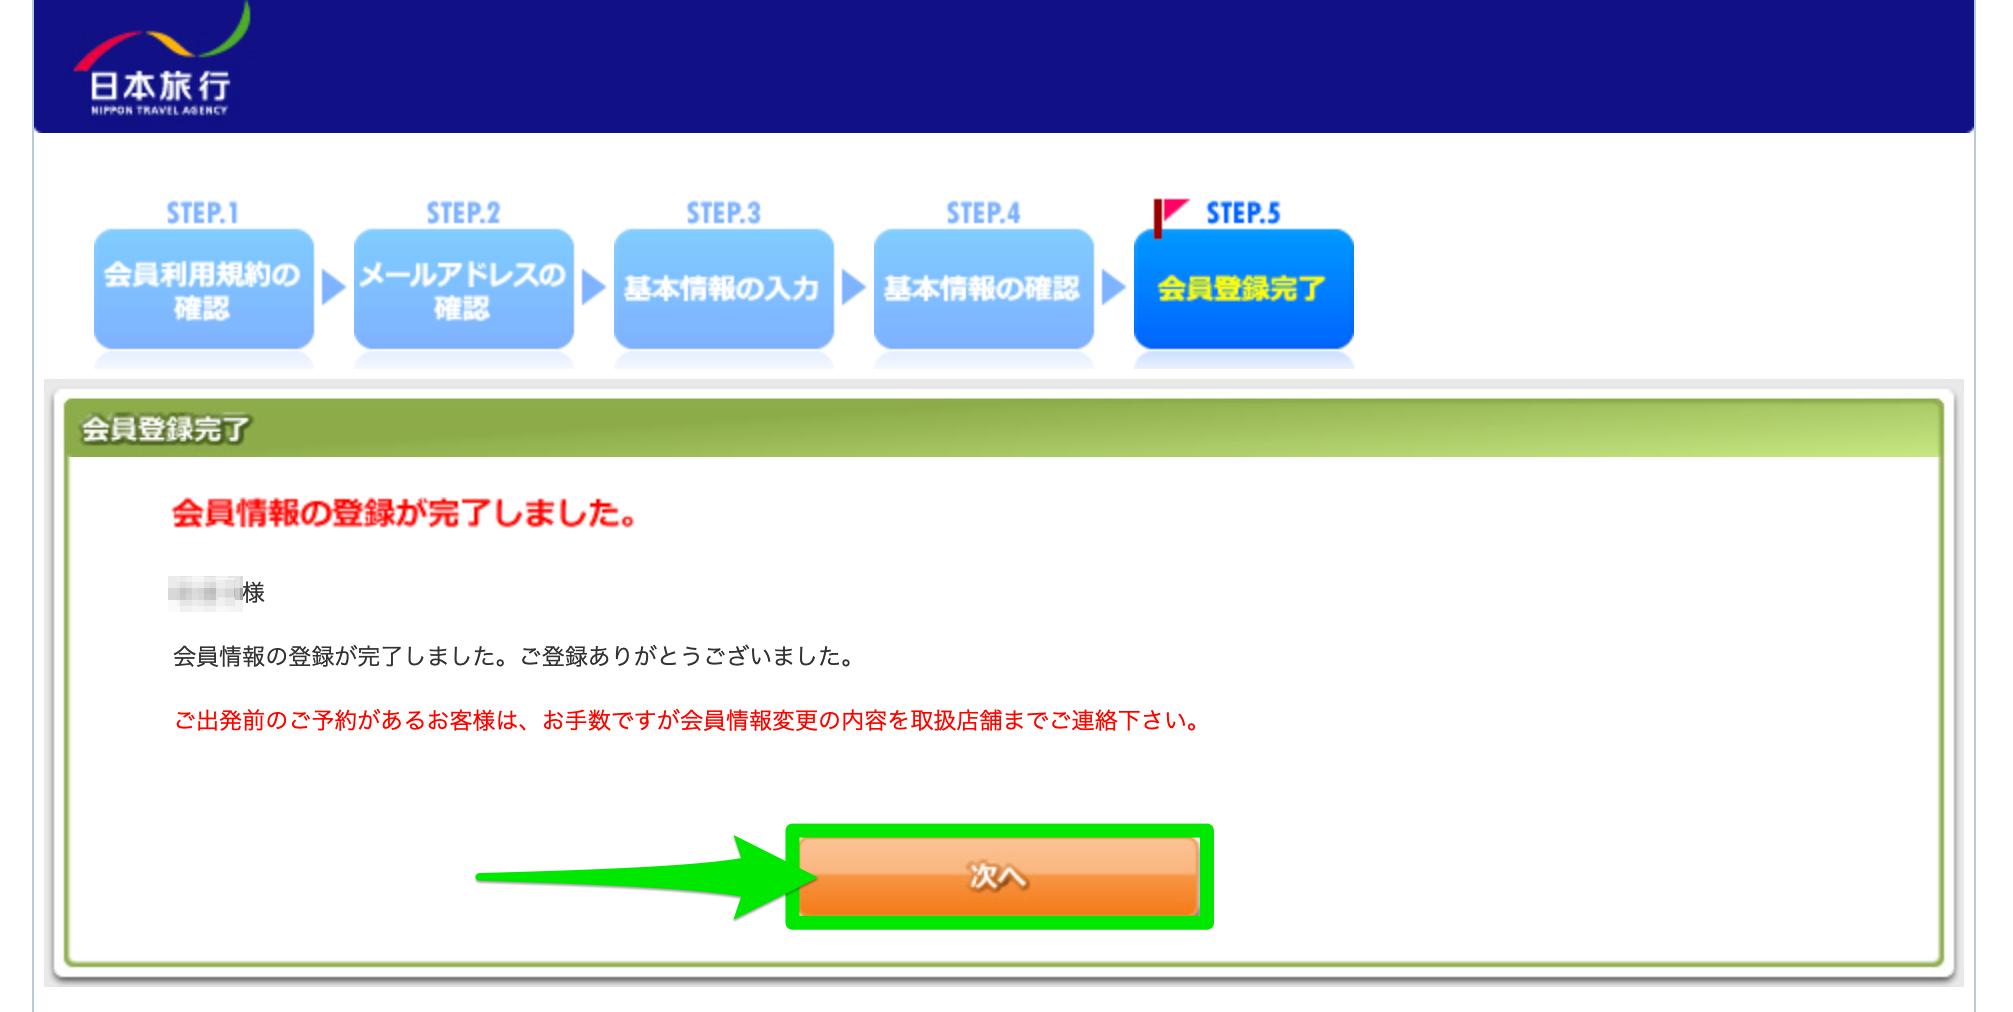 日本旅行の無料会員登録が正式完了